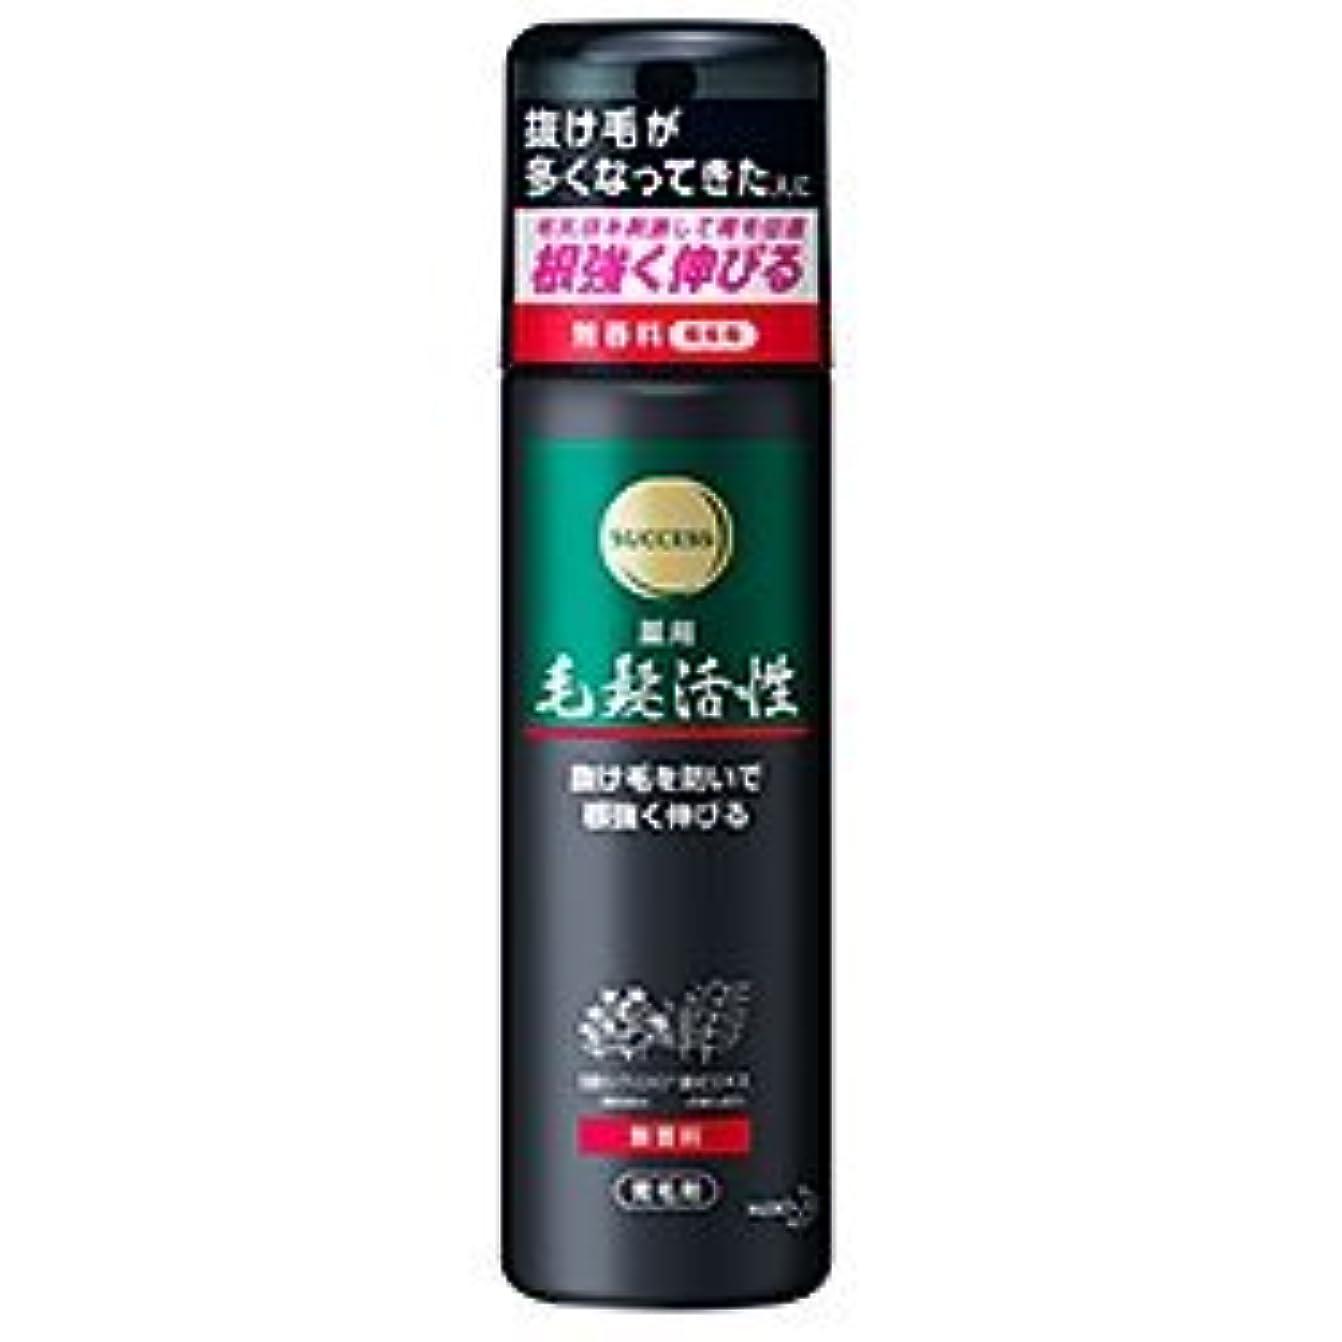 保守的ラフレシアアルノルディいいね【花王】サクセス 薬用毛髪活性 無香料 185g ×3個セット